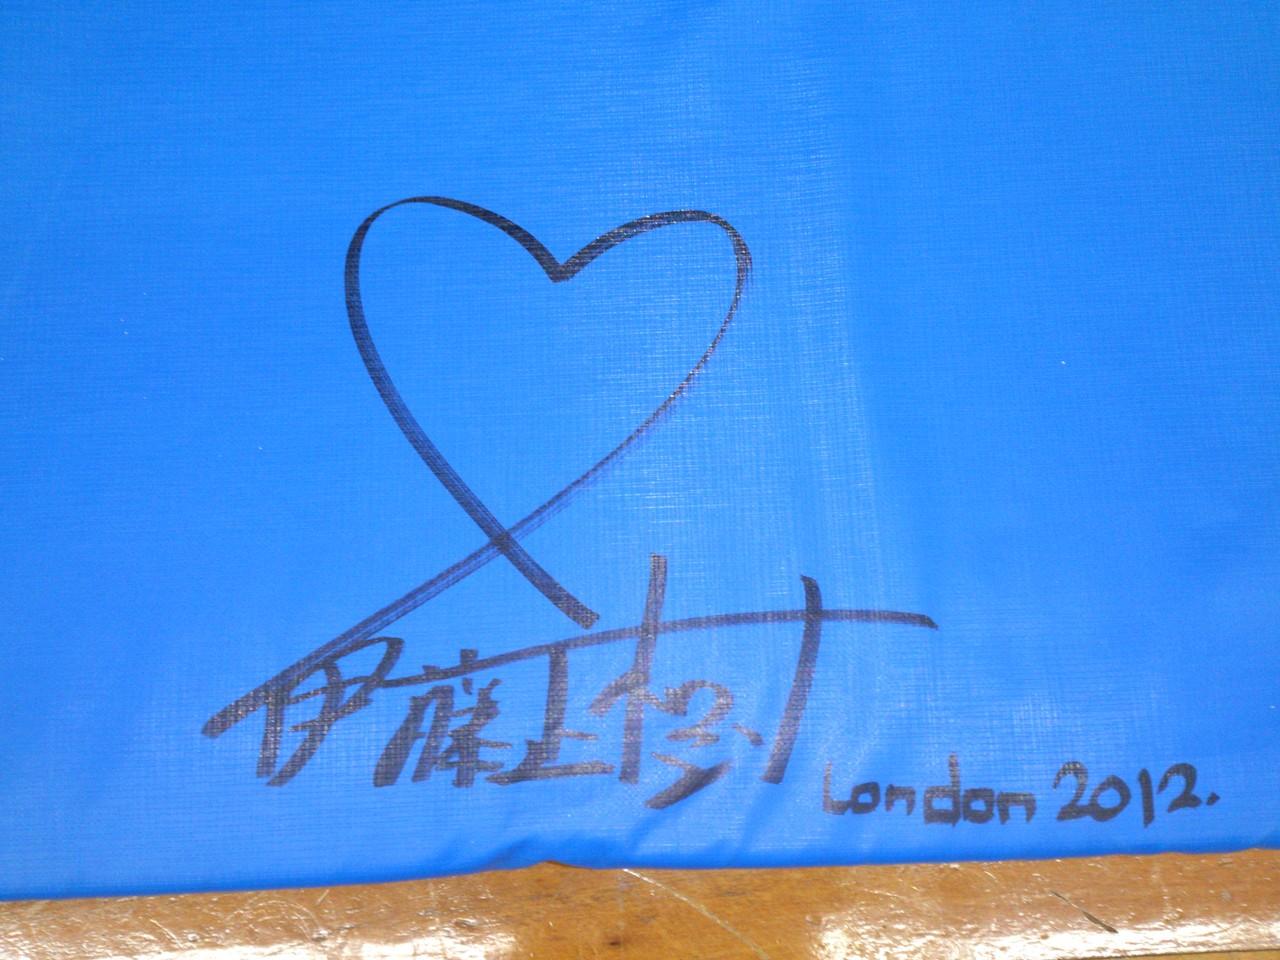 トランポリンにサインしていただきました(^^)・・・伊藤正樹選手